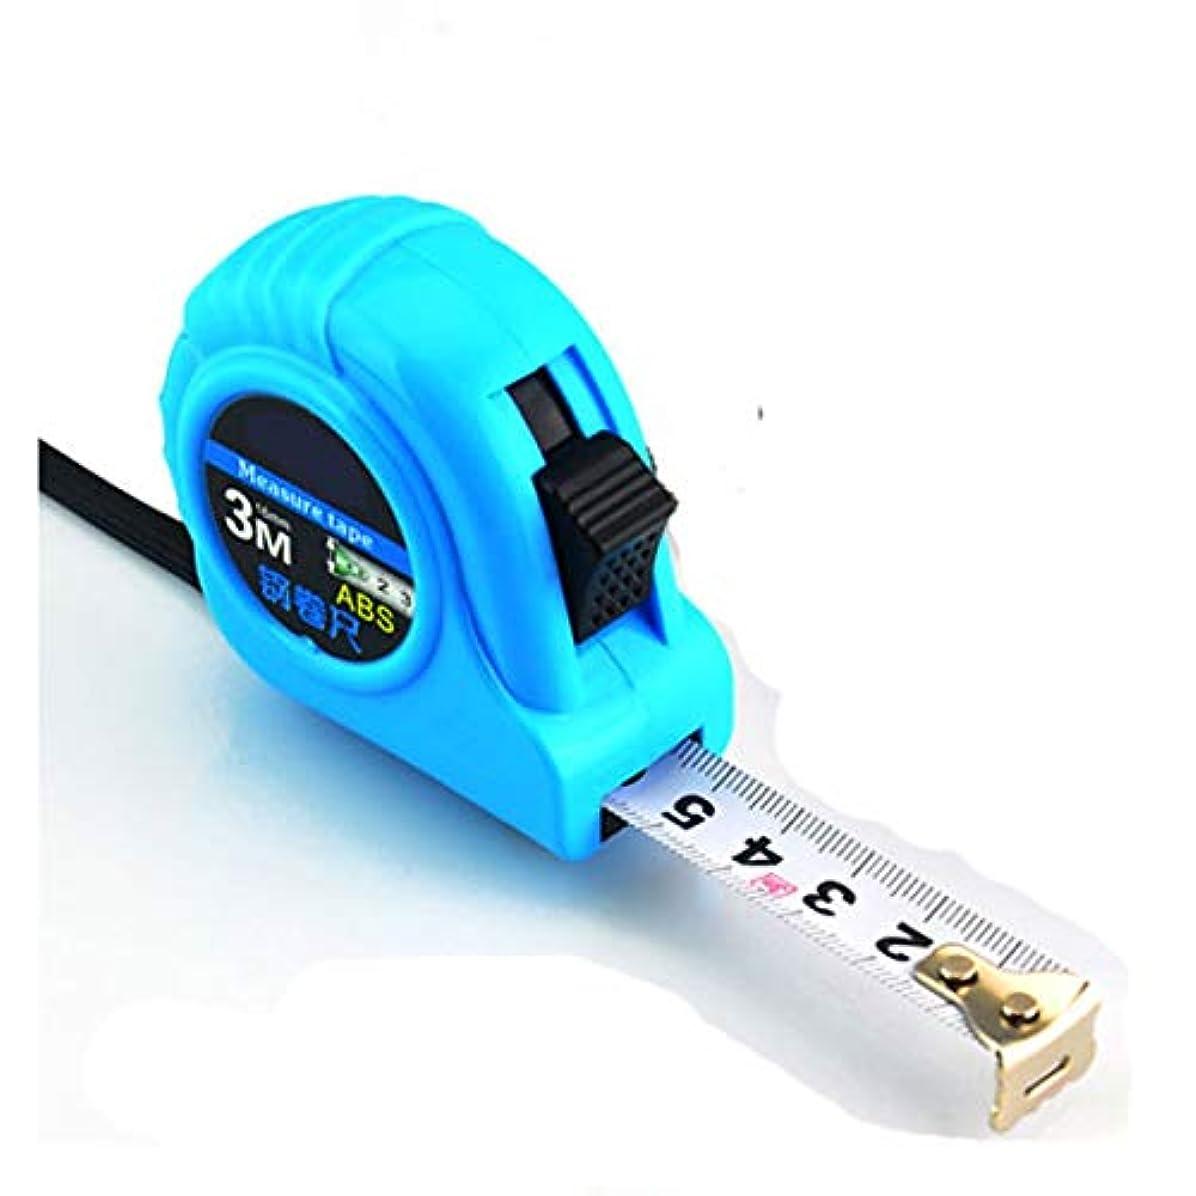 訴えるデンマーク語着服TRRYP 3M / 5M / 8Mの鋼鉄巻尺/耐久力のある鋼鉄テープが付いている厚いナイロンテープ (Size : 3M*16MM)